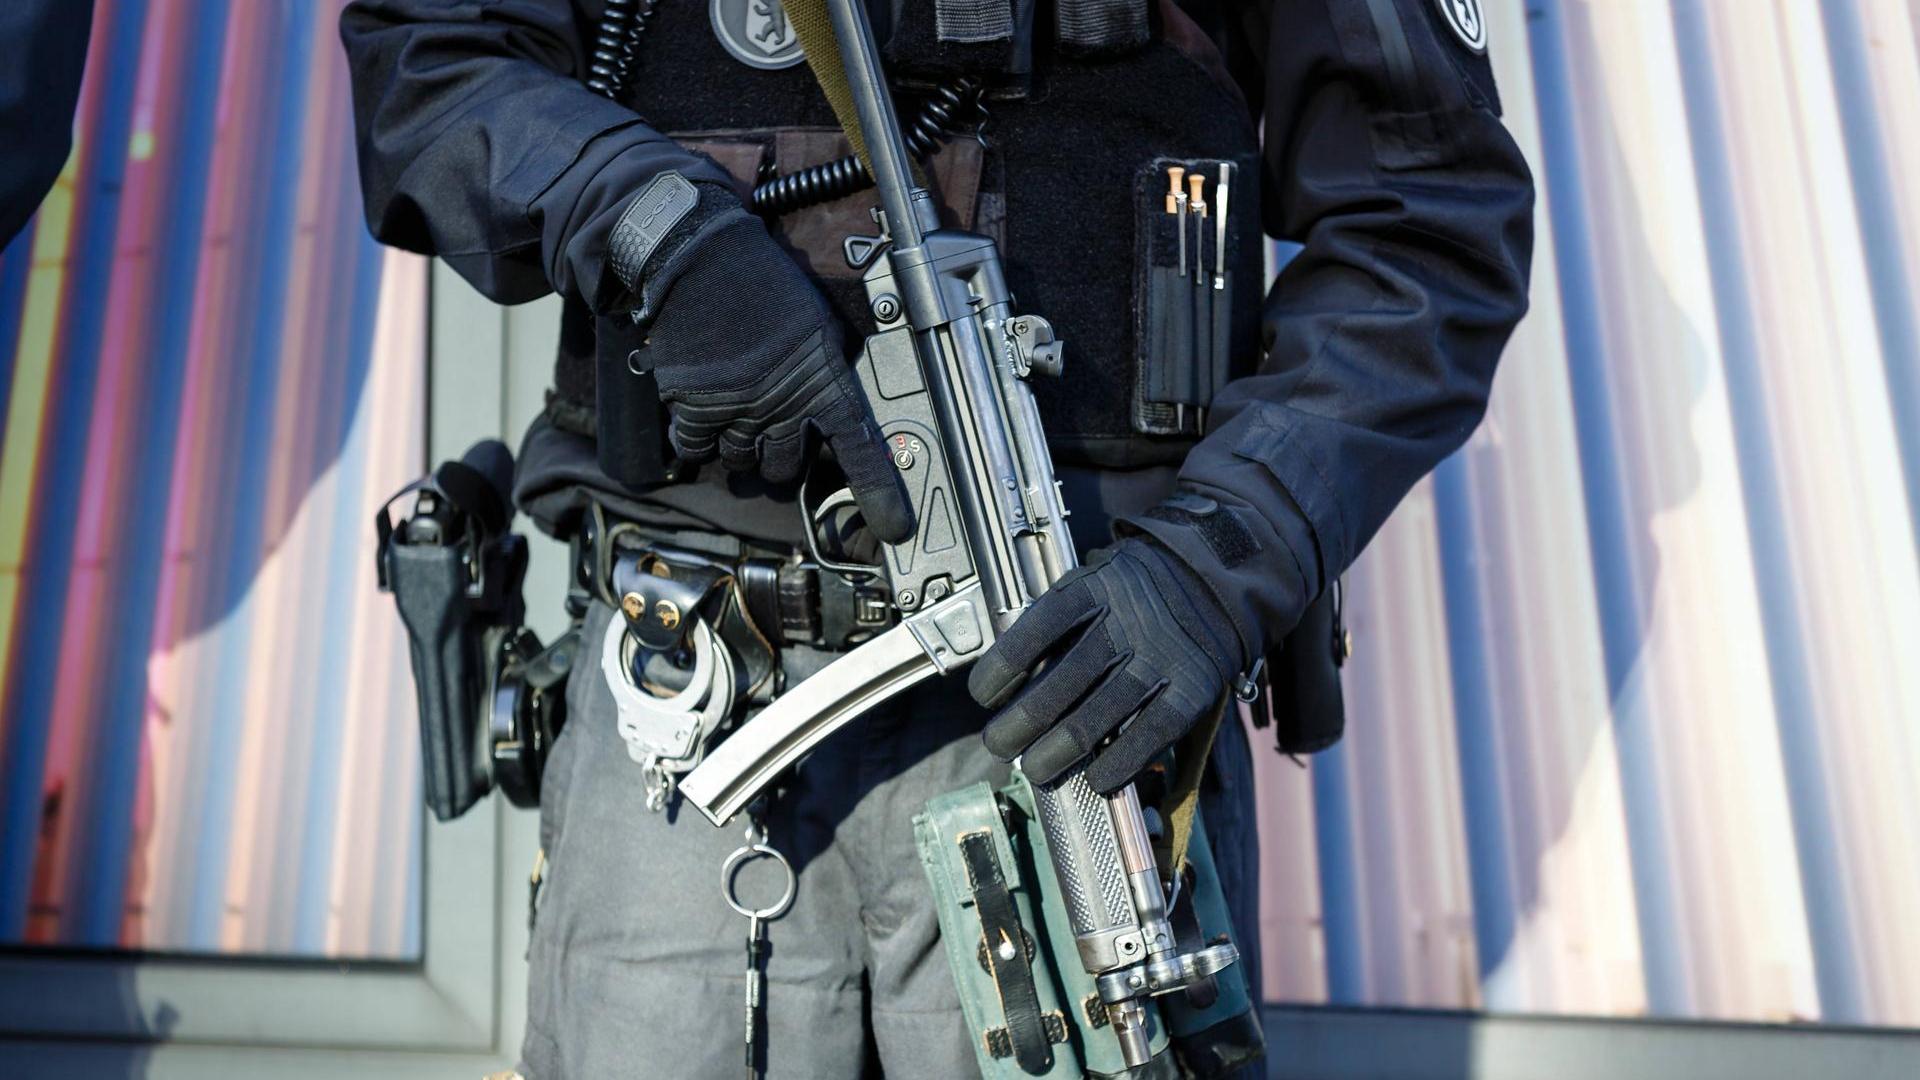 Oberkörper eines Bullen, der die MP5 in der Hand vor sich hält.